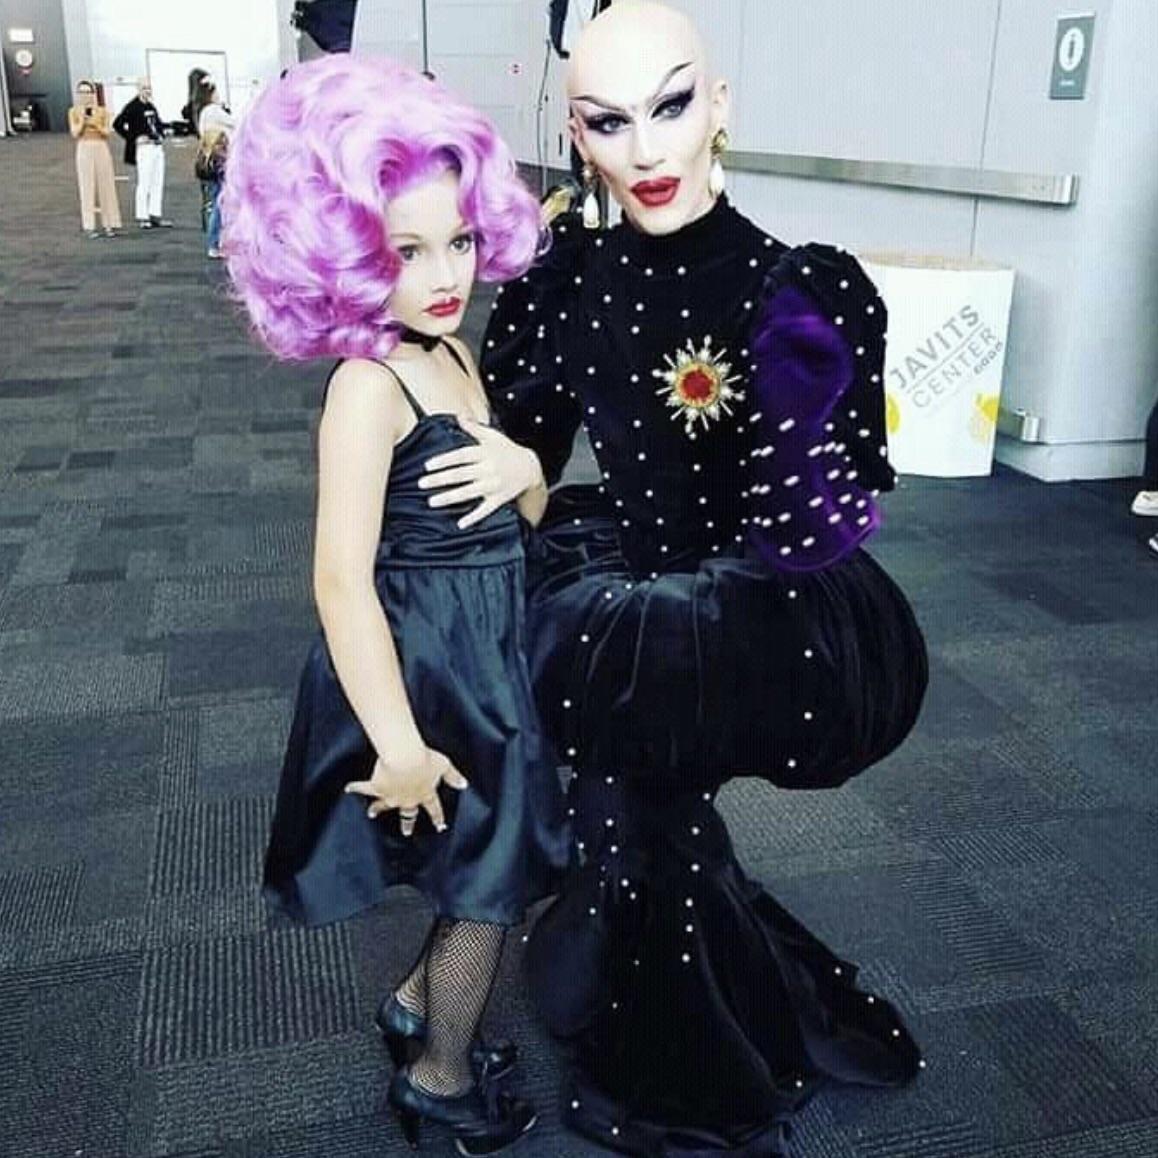 Realmente o errado sou eu. Viva a Lactatia, deveriam dar aula de drag nas escolas, todo menino deveria experimentar pra ver se gosta, é isso?